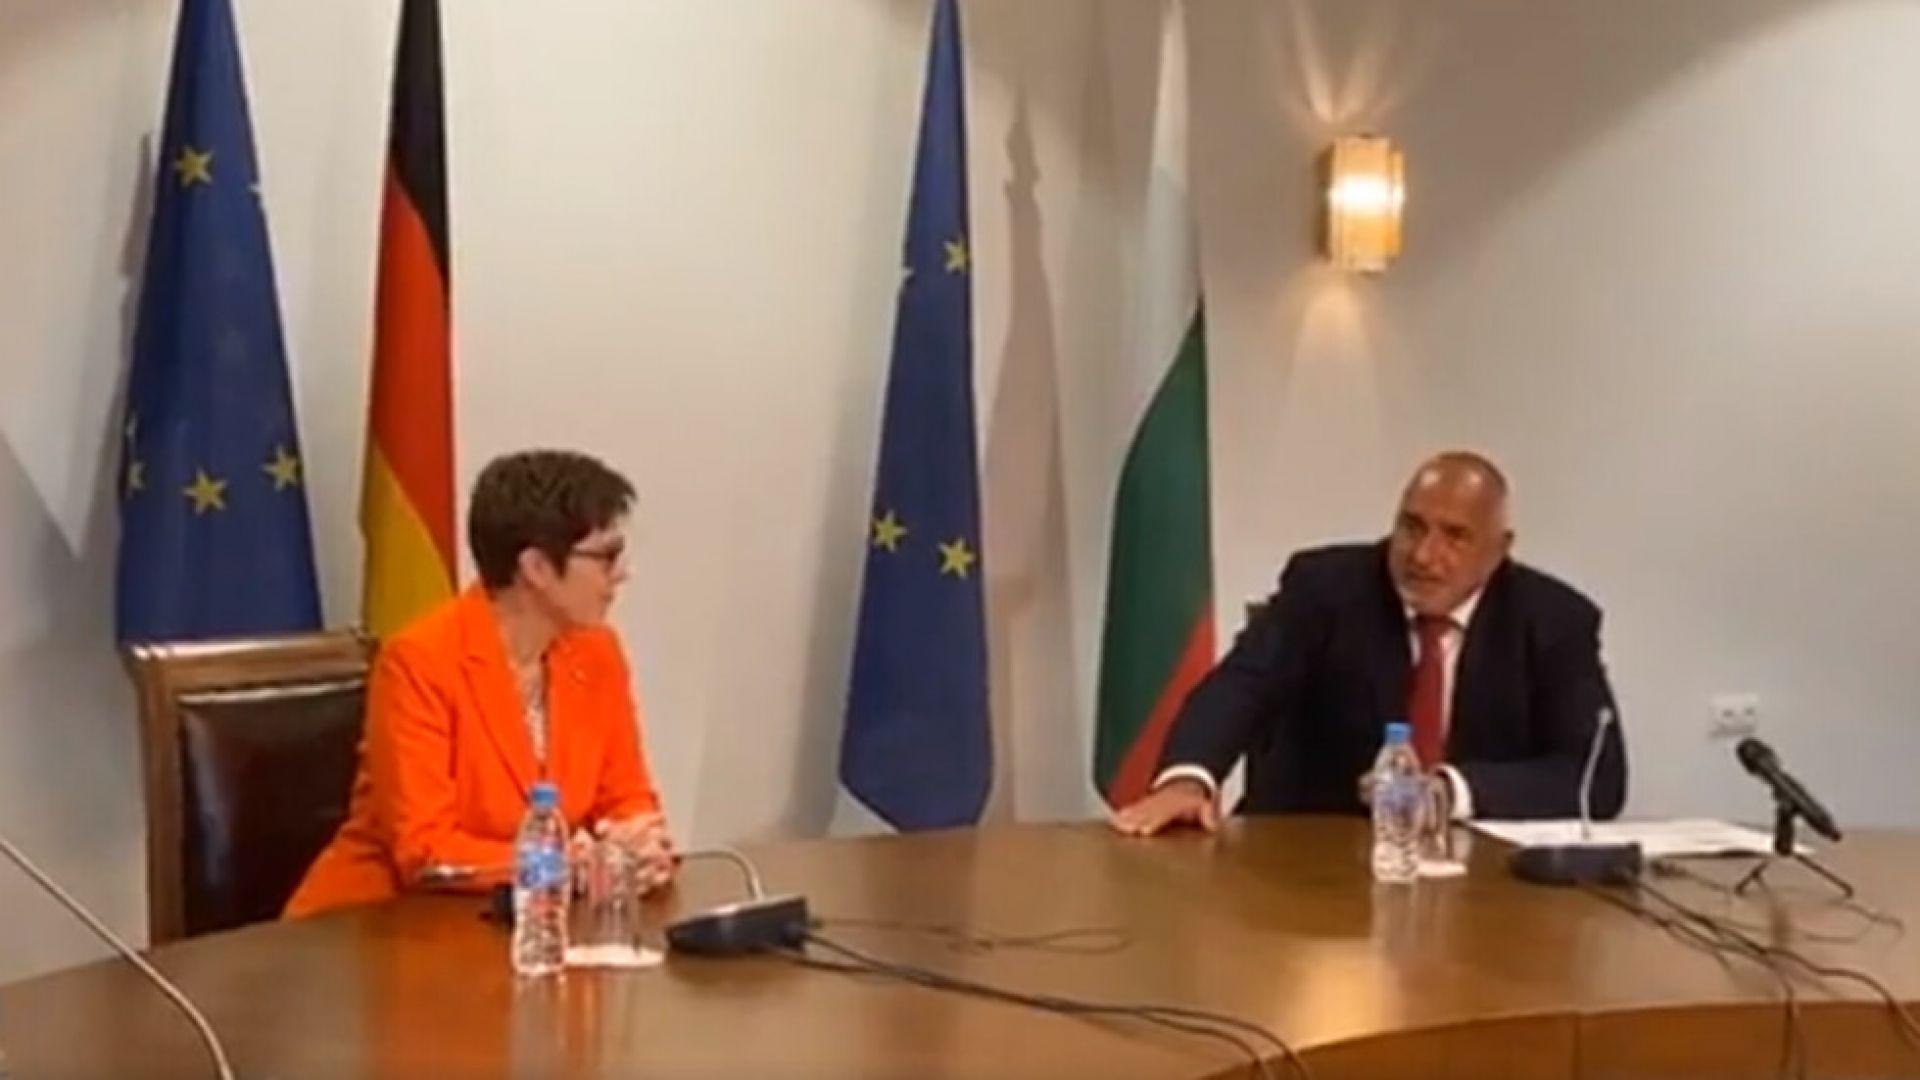 Борисов пред Анегрет Крамп-Каренбауер: Подготвяме закон, за да няма никакви съмнения в медийната среда